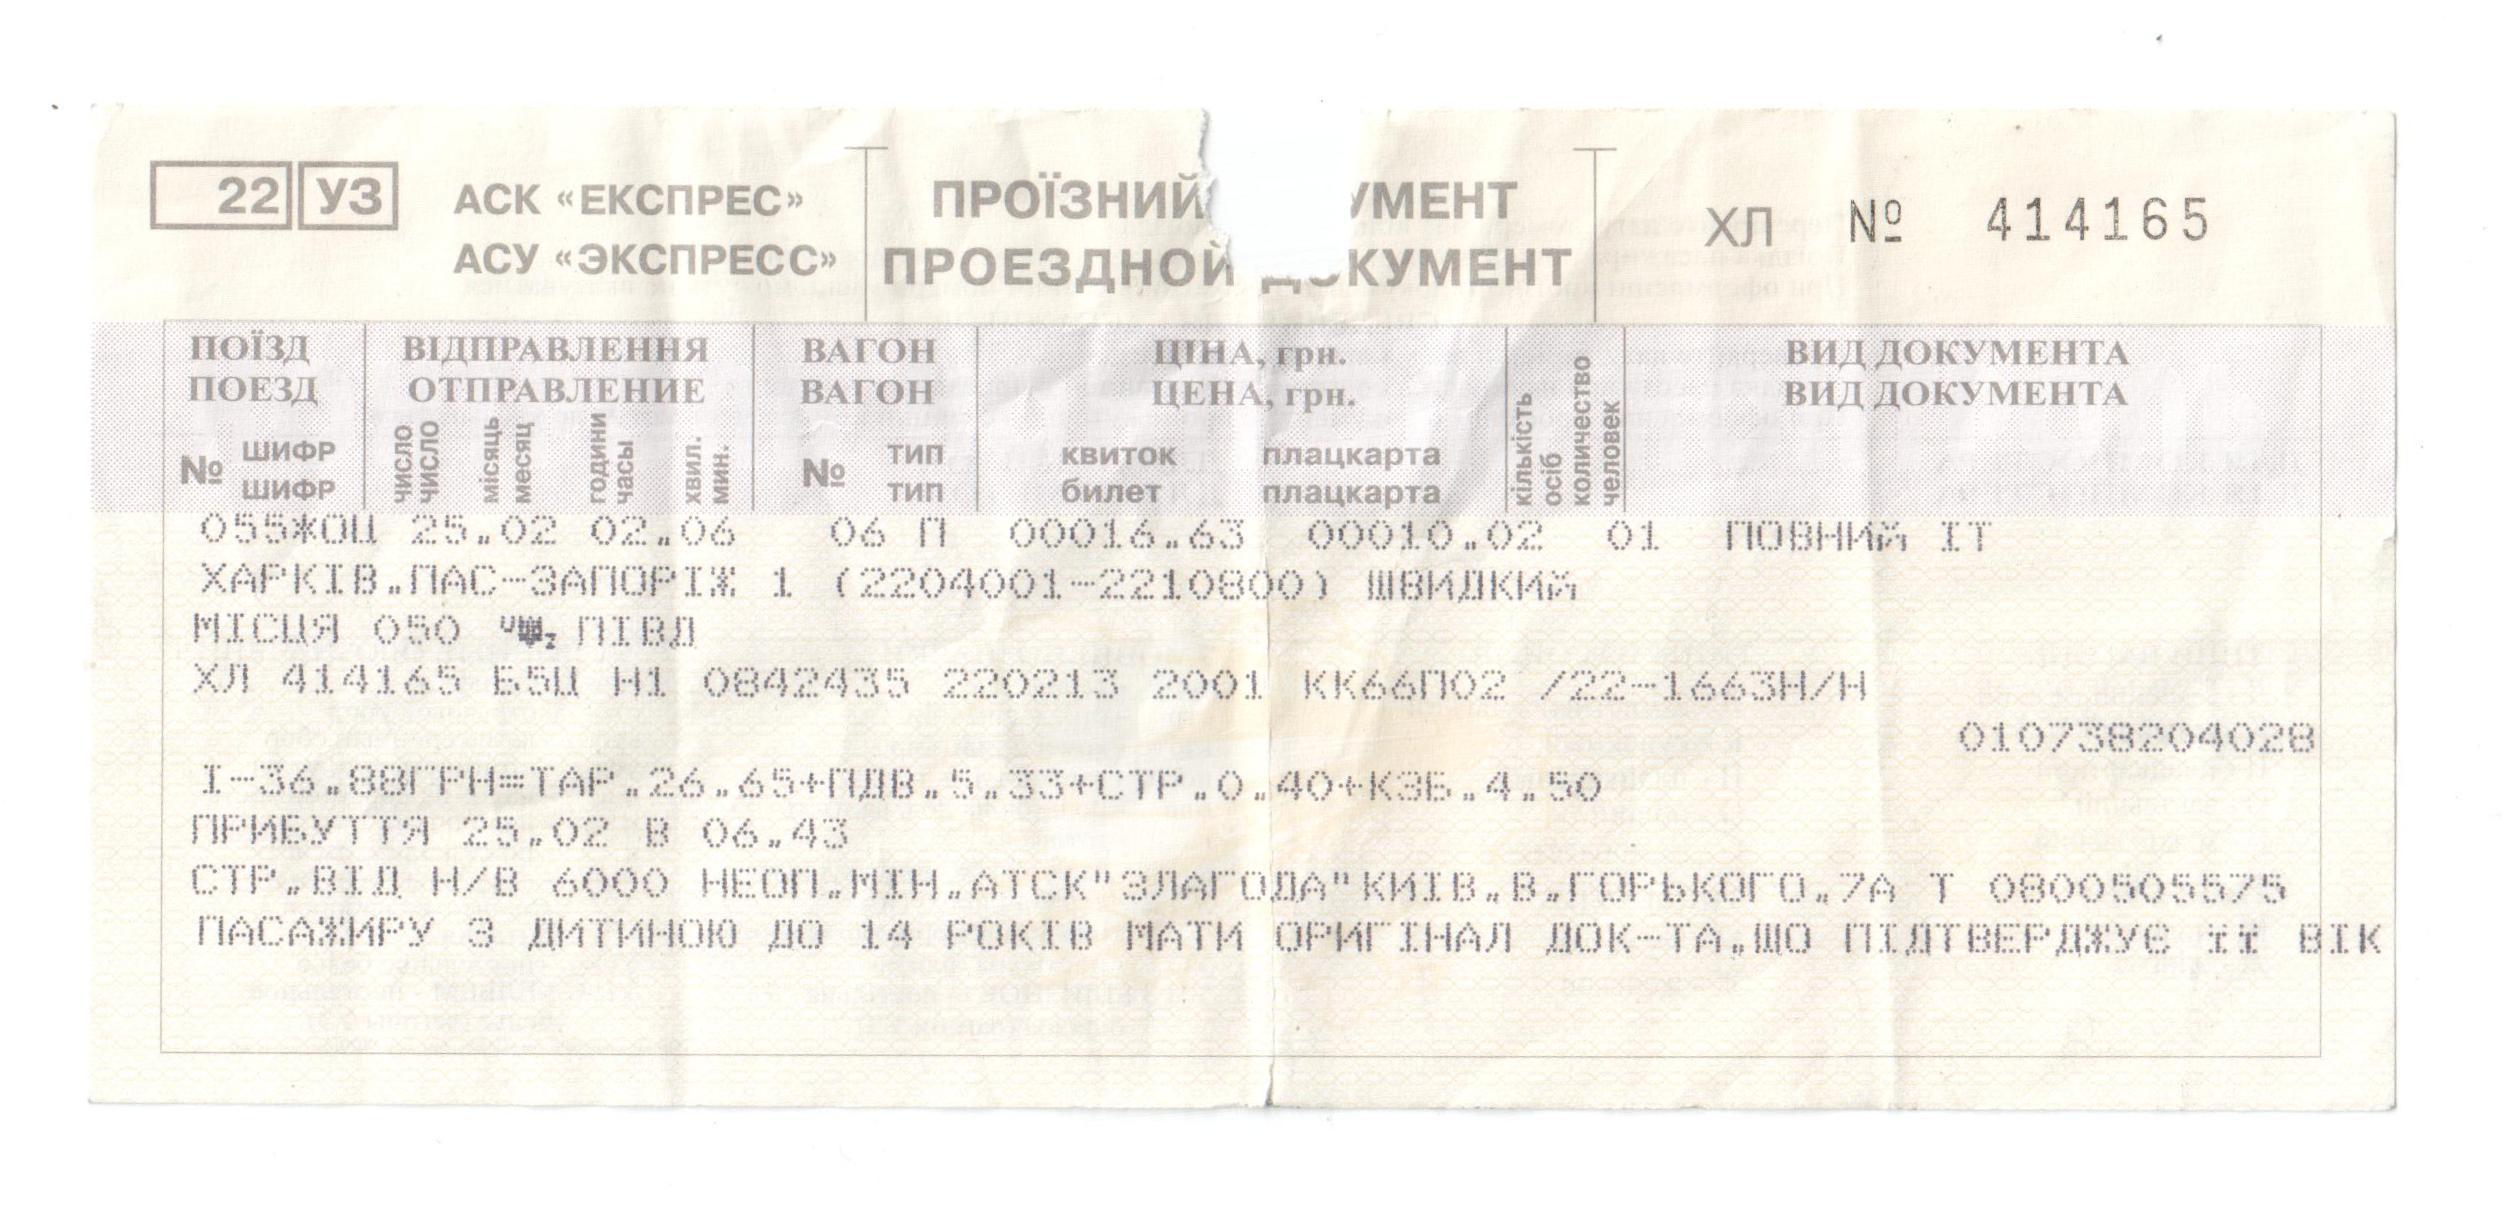 цена билета мелитополь харьков великтколепный